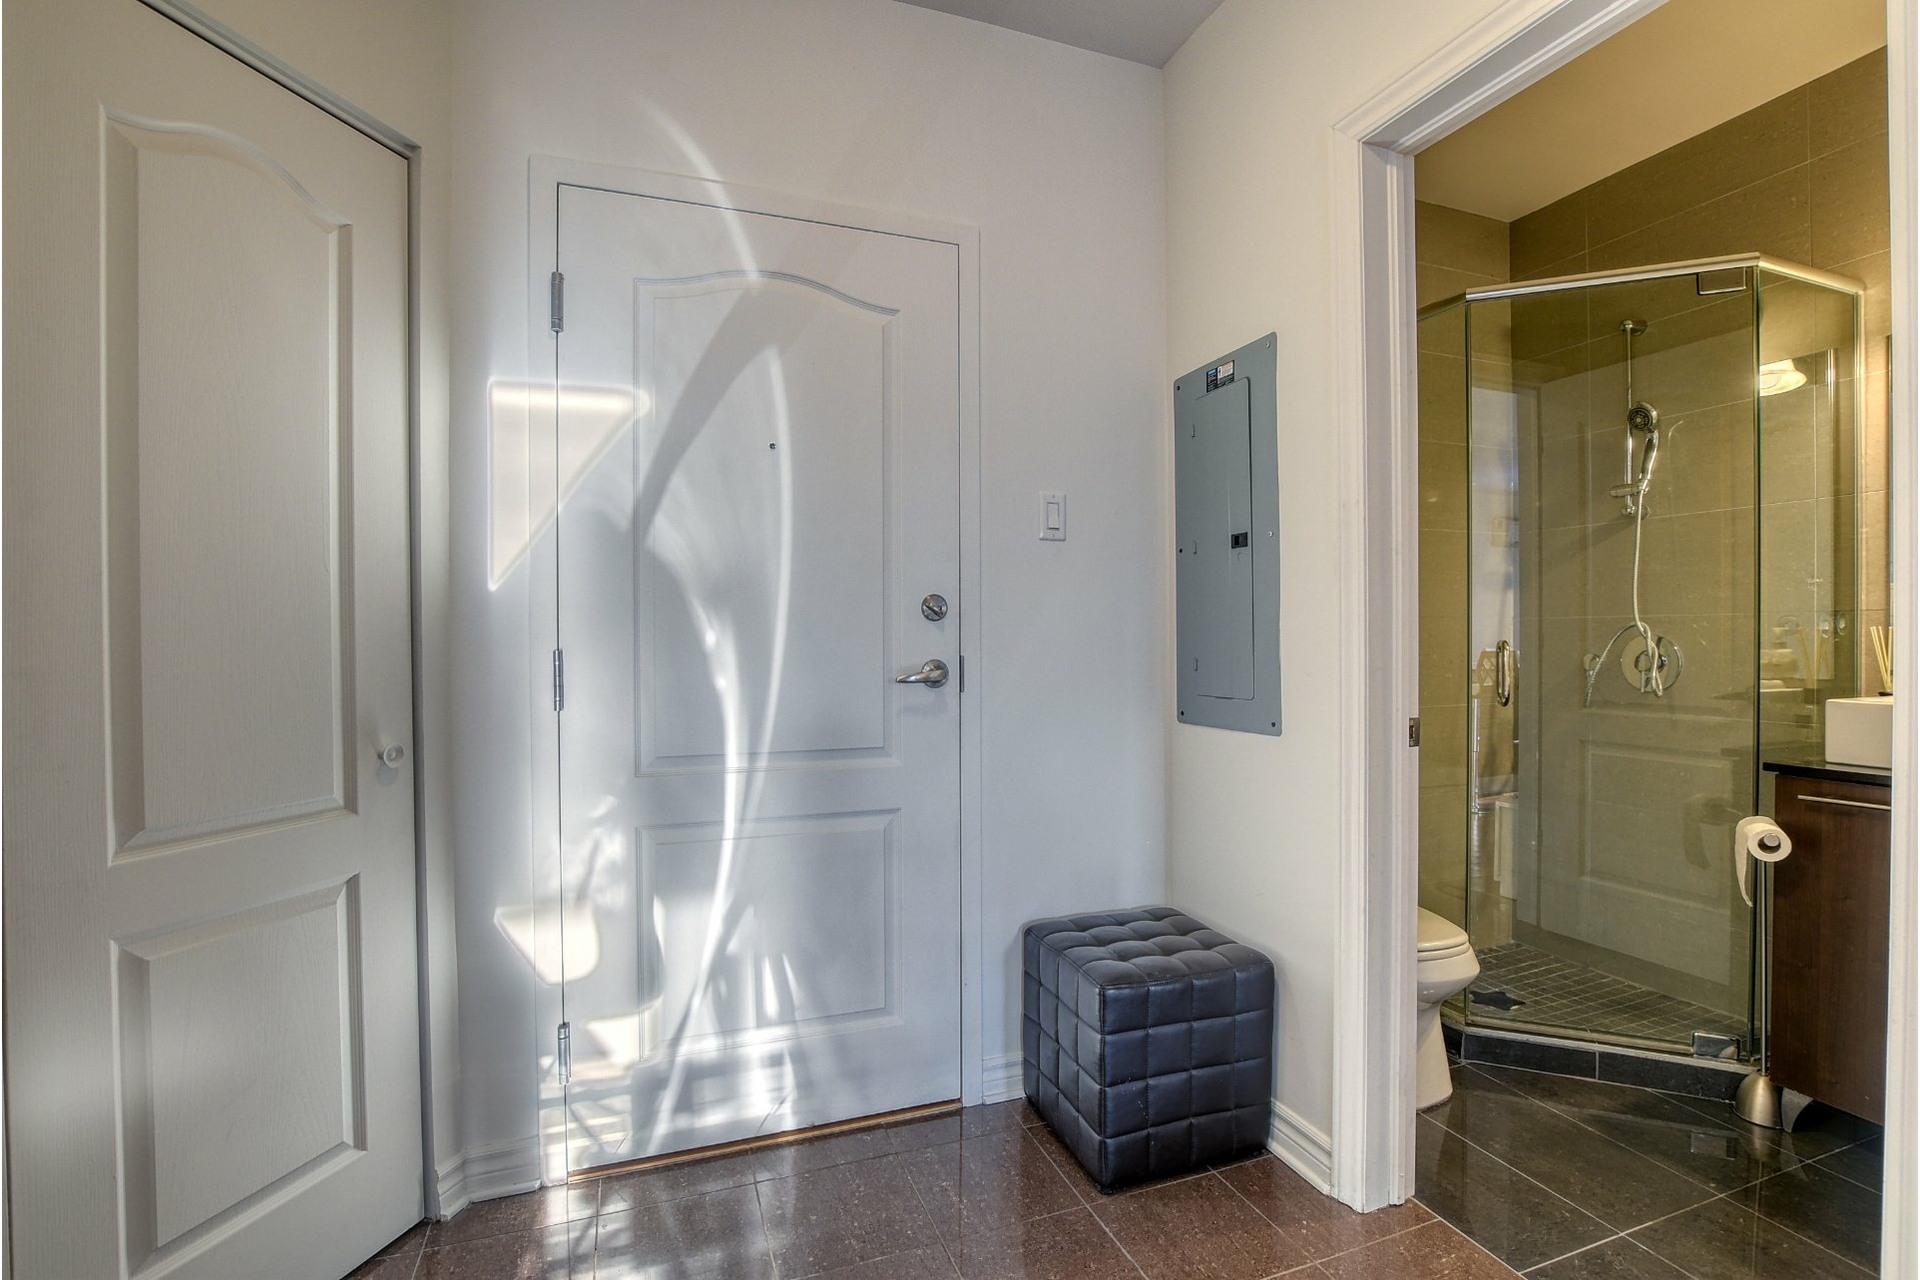 image 8 - Apartment For sale Saint-Laurent Montréal  - 7 rooms